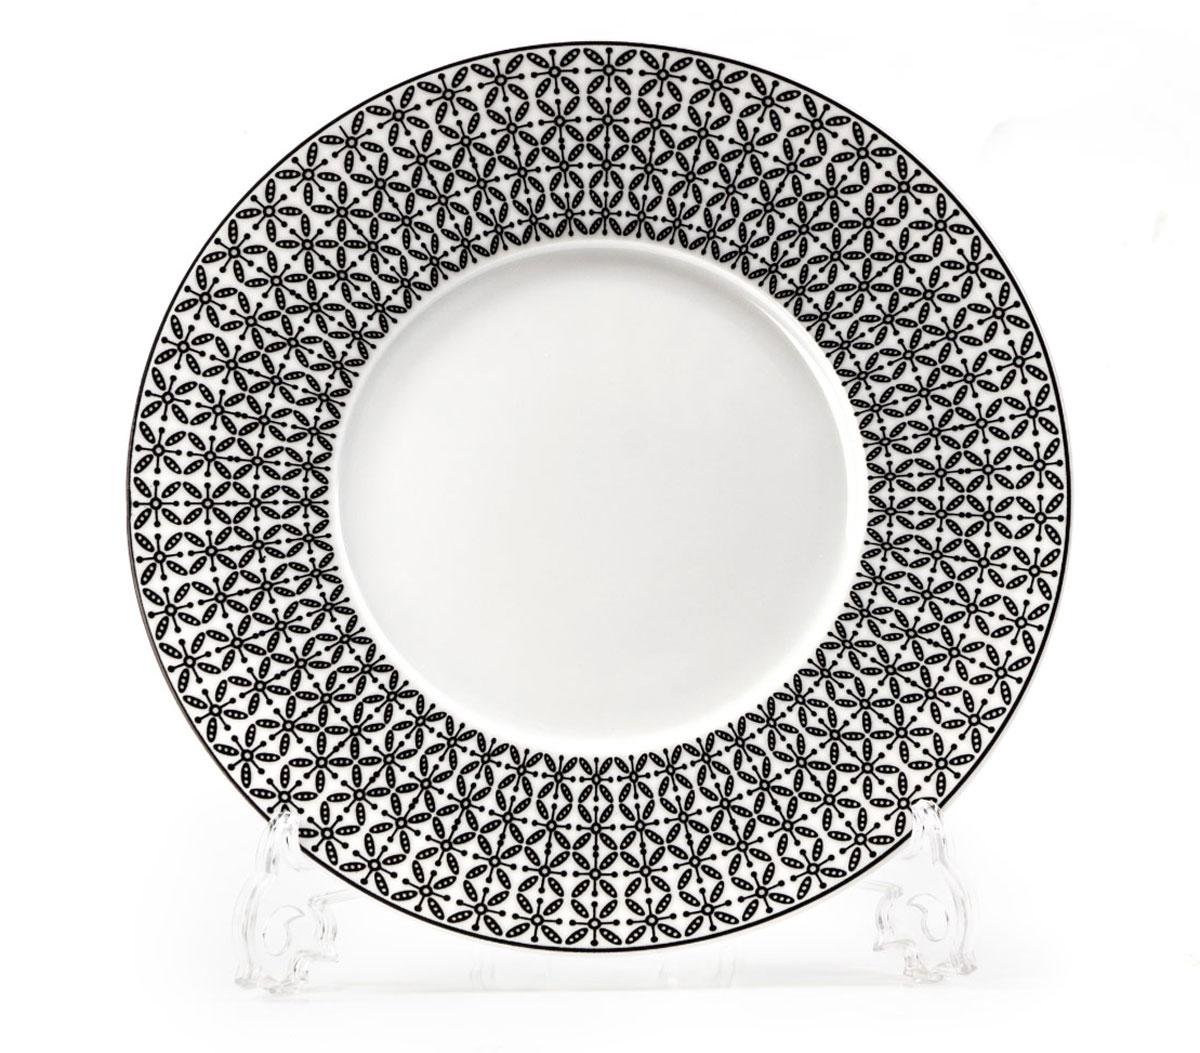 Тарелка La Rose des Sables Ажур, цвет: черный, диаметр 21 см830123 2300